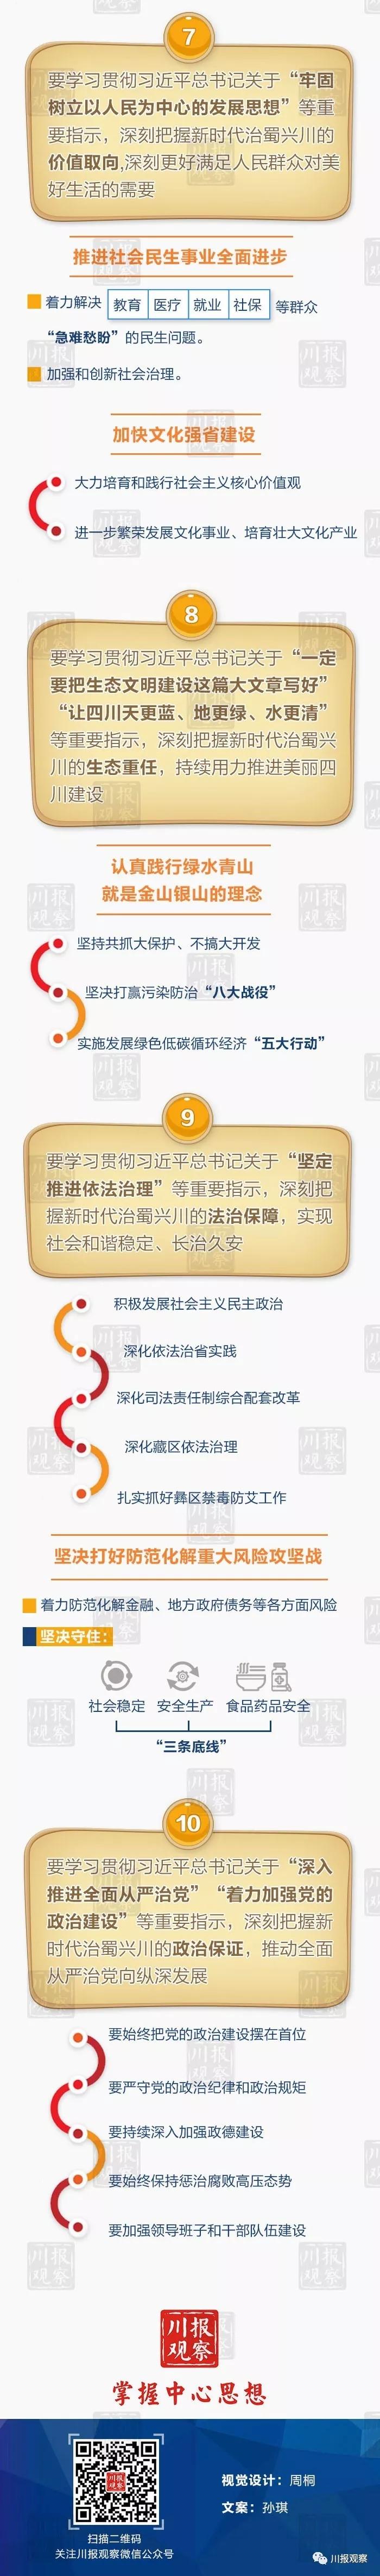 划重点!速读四川省委十一届三次全会公报,搜狗02kkk